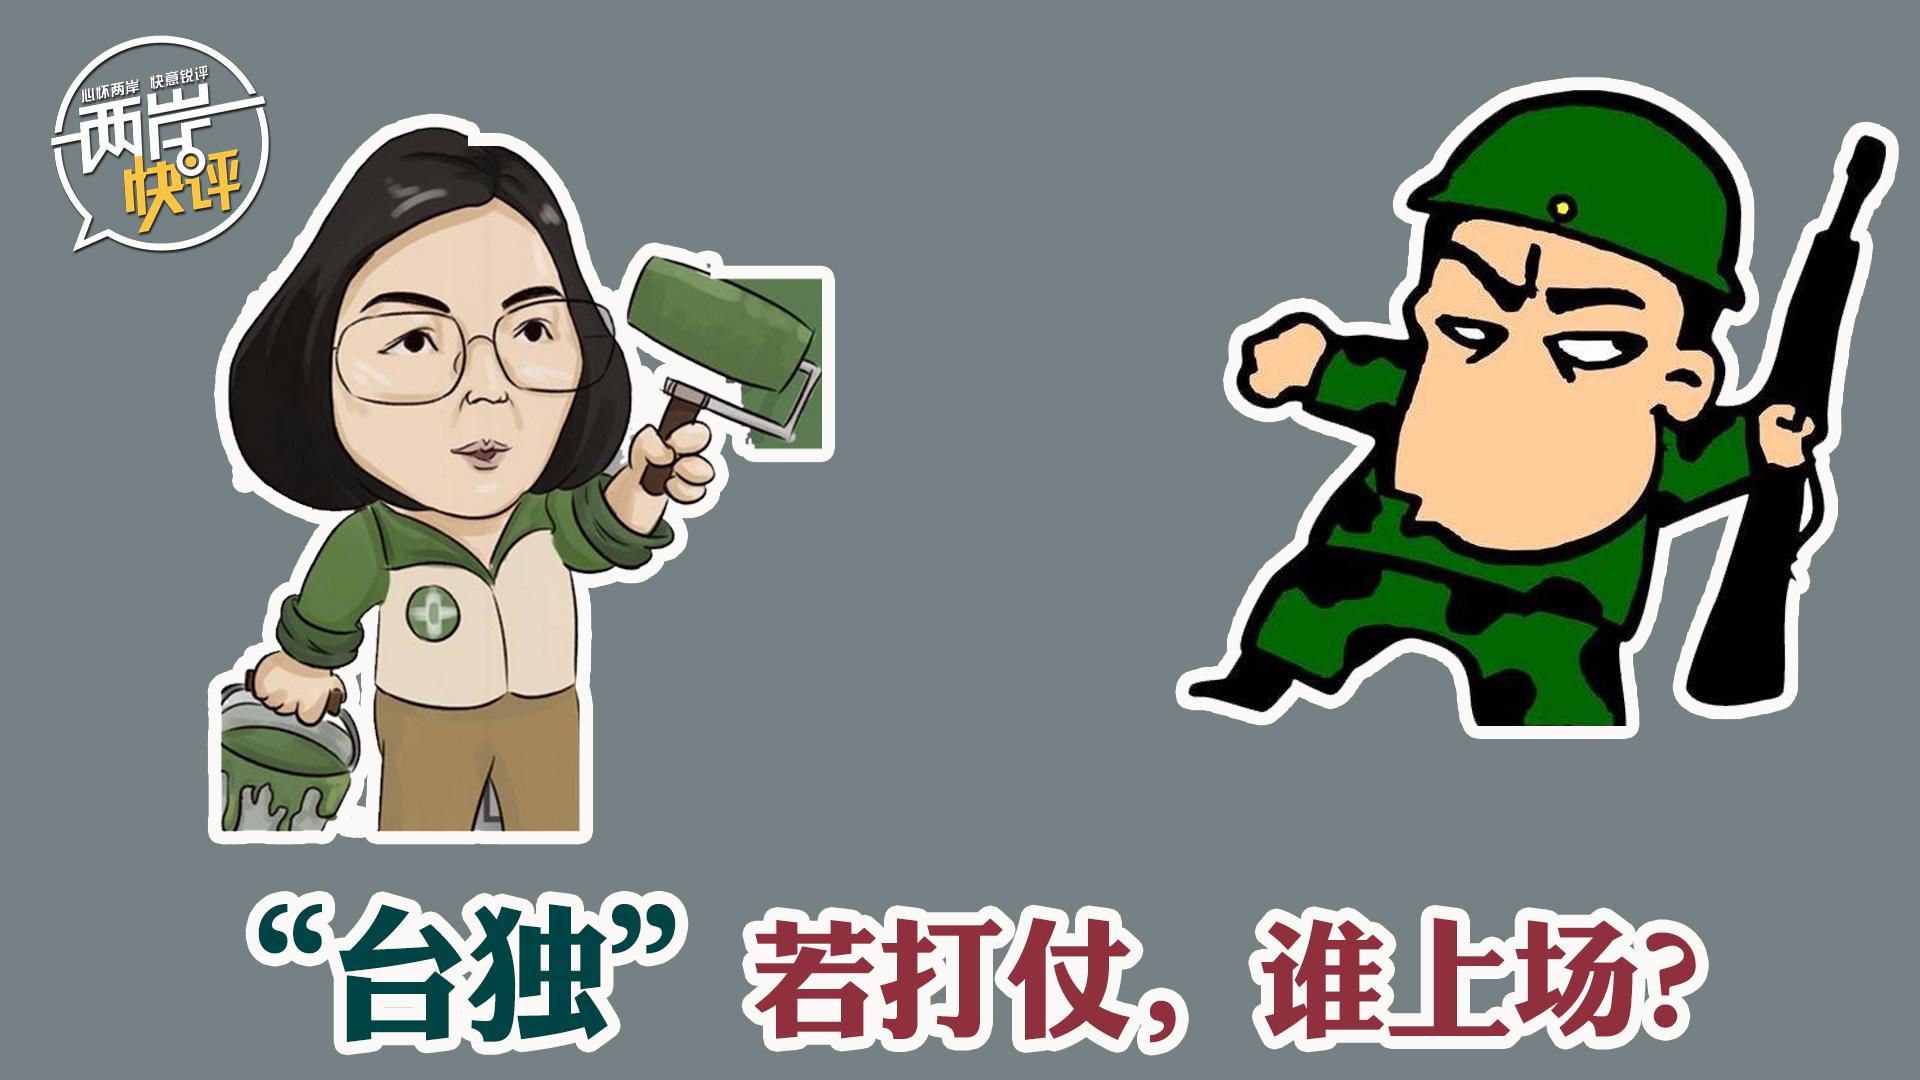 蔡英文如此自信,台湾青年会争相上战场?